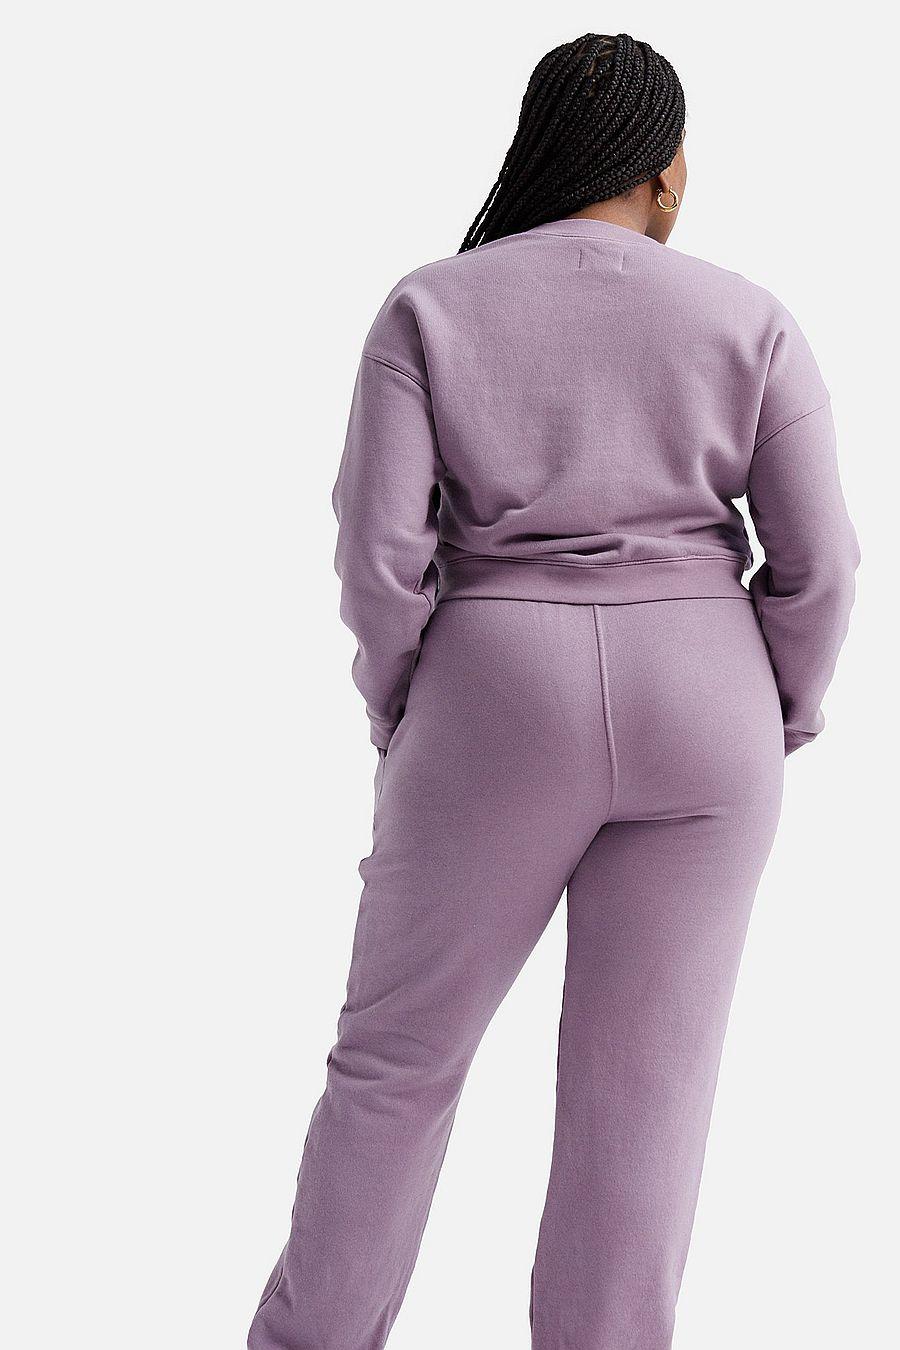 MATE The Label Fleece Crop Sweatshirt - LAVENDER